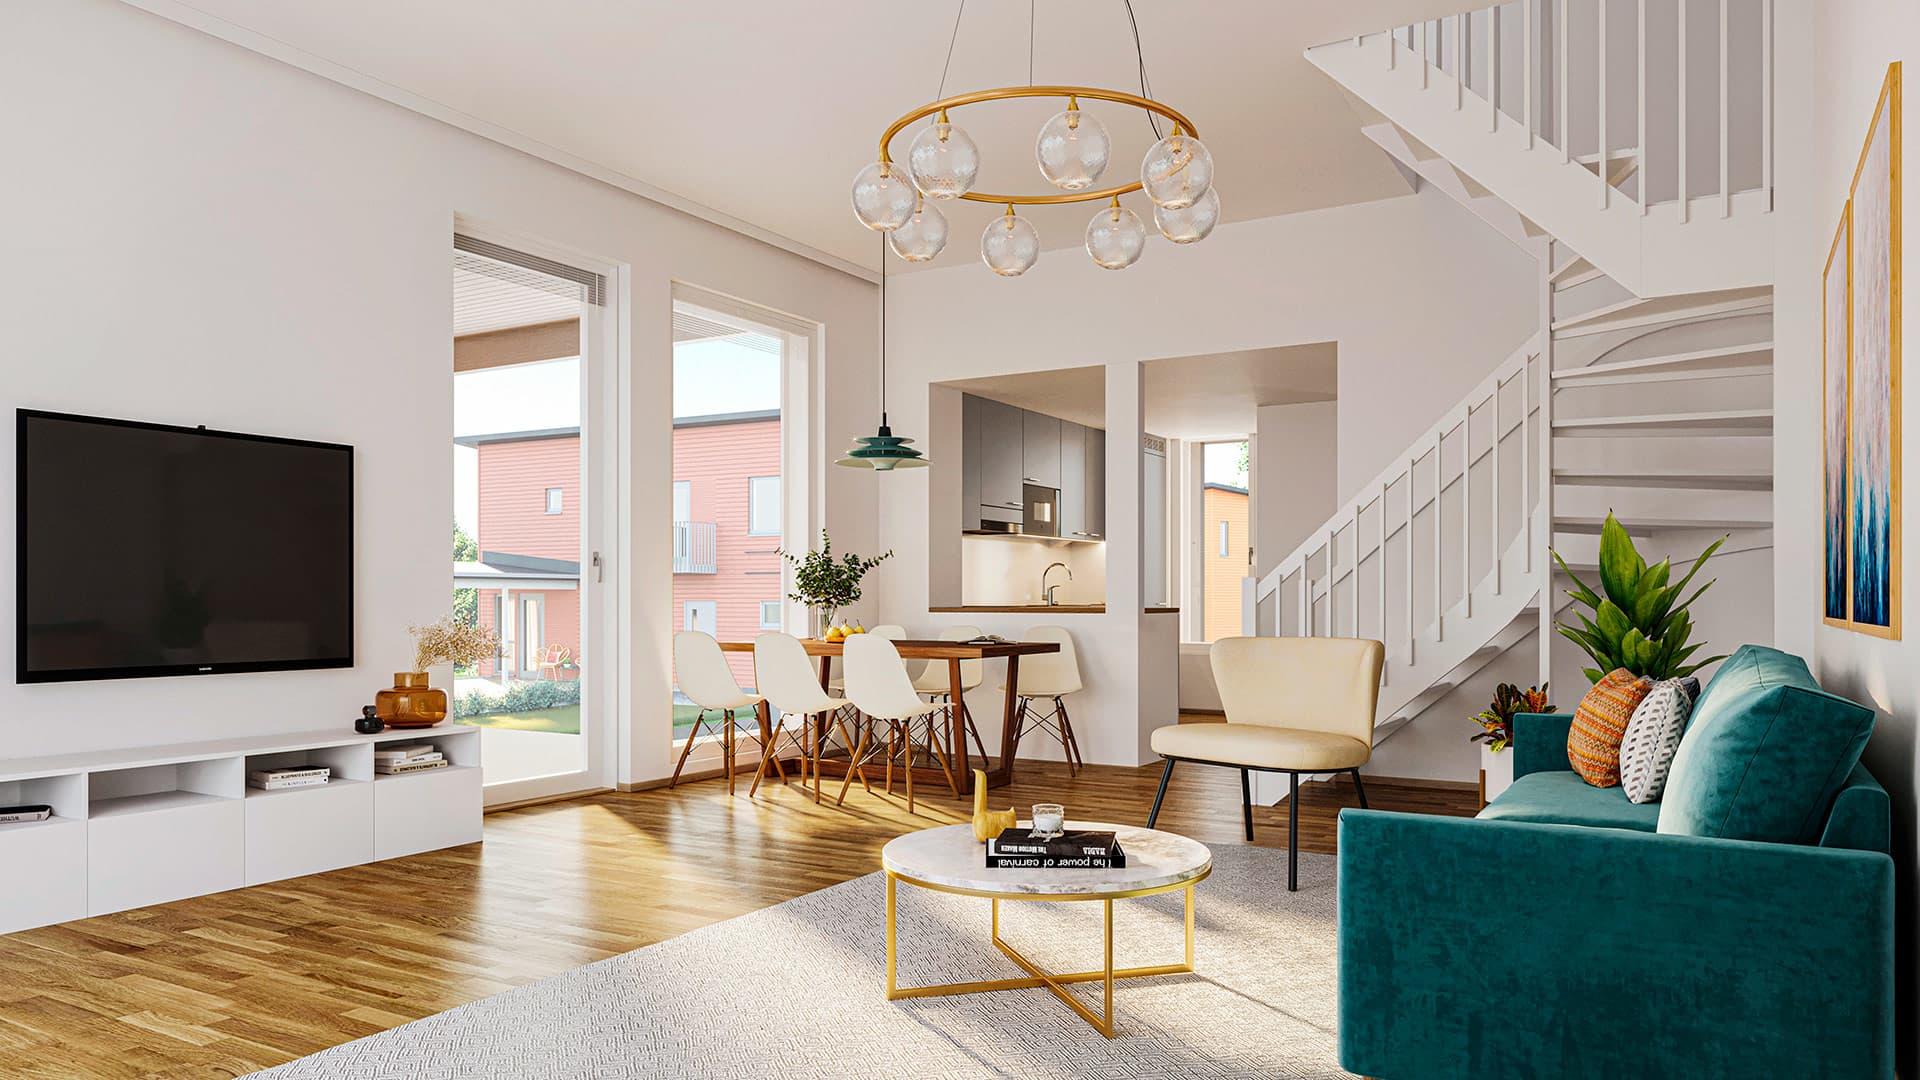 Myytävät asunnot Espoo, Nupuri - Espoon Vadelma - pari- ja erillistaloja